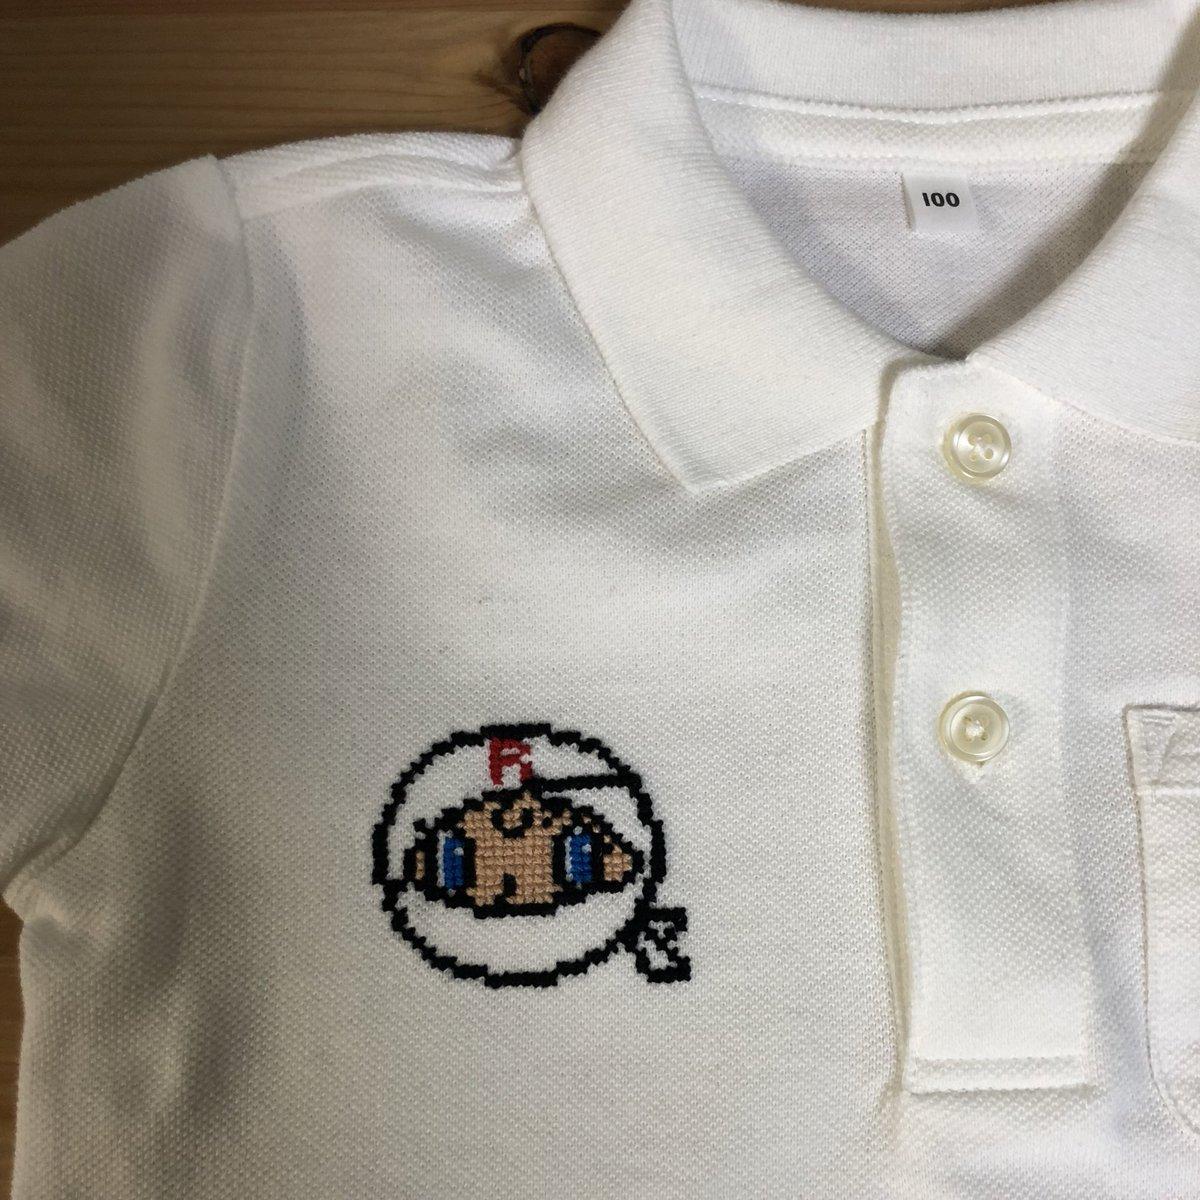 test ツイッターメディア - 久しぶりに夜更かし!完成! #無印良品  #ポロシャツ #刺繍 #ロールパンナ https://t.co/gO1IZp9VJx